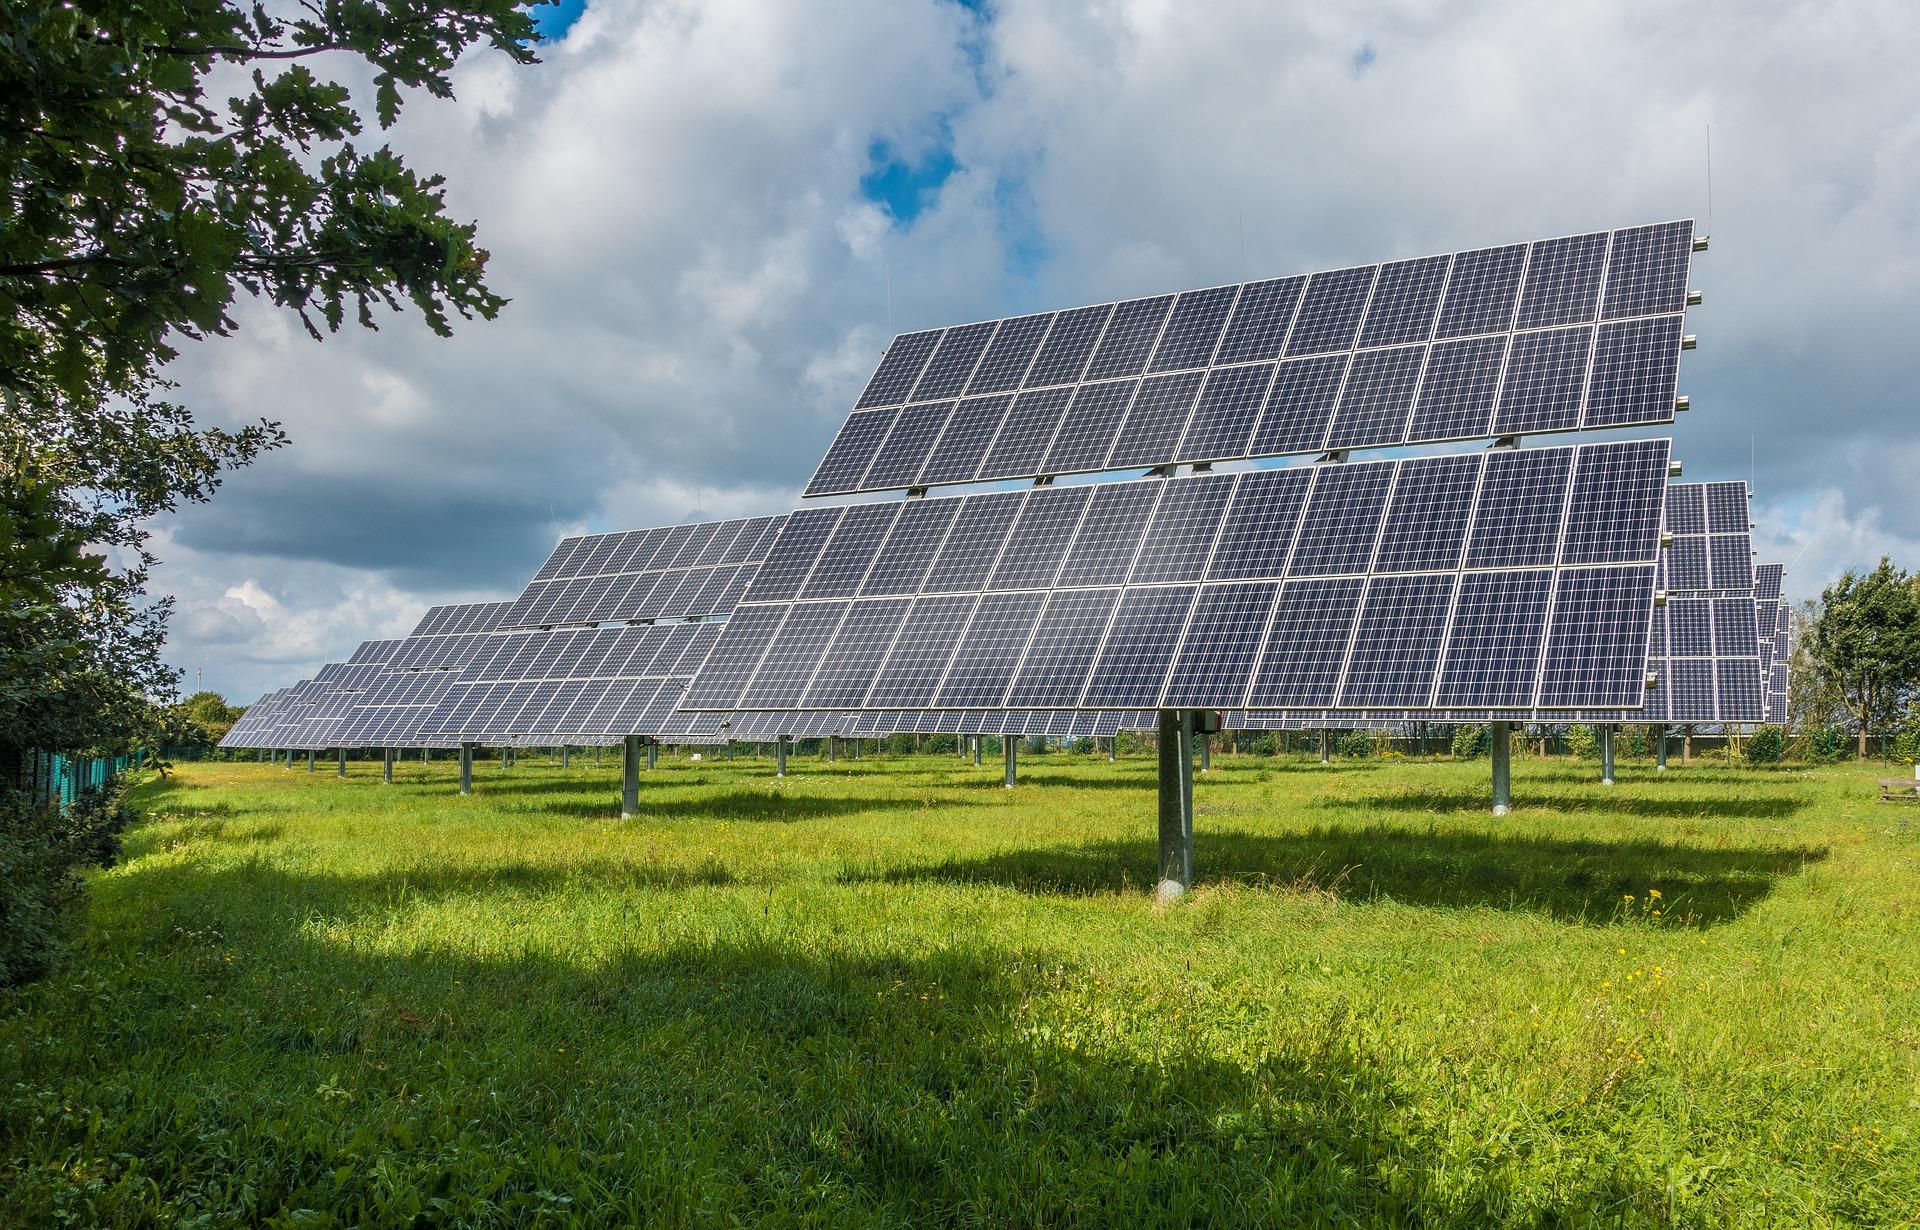 Representación en el CNMC de las Instalaciones de Energías Renovables, solar fotovoltaica, régimen especial